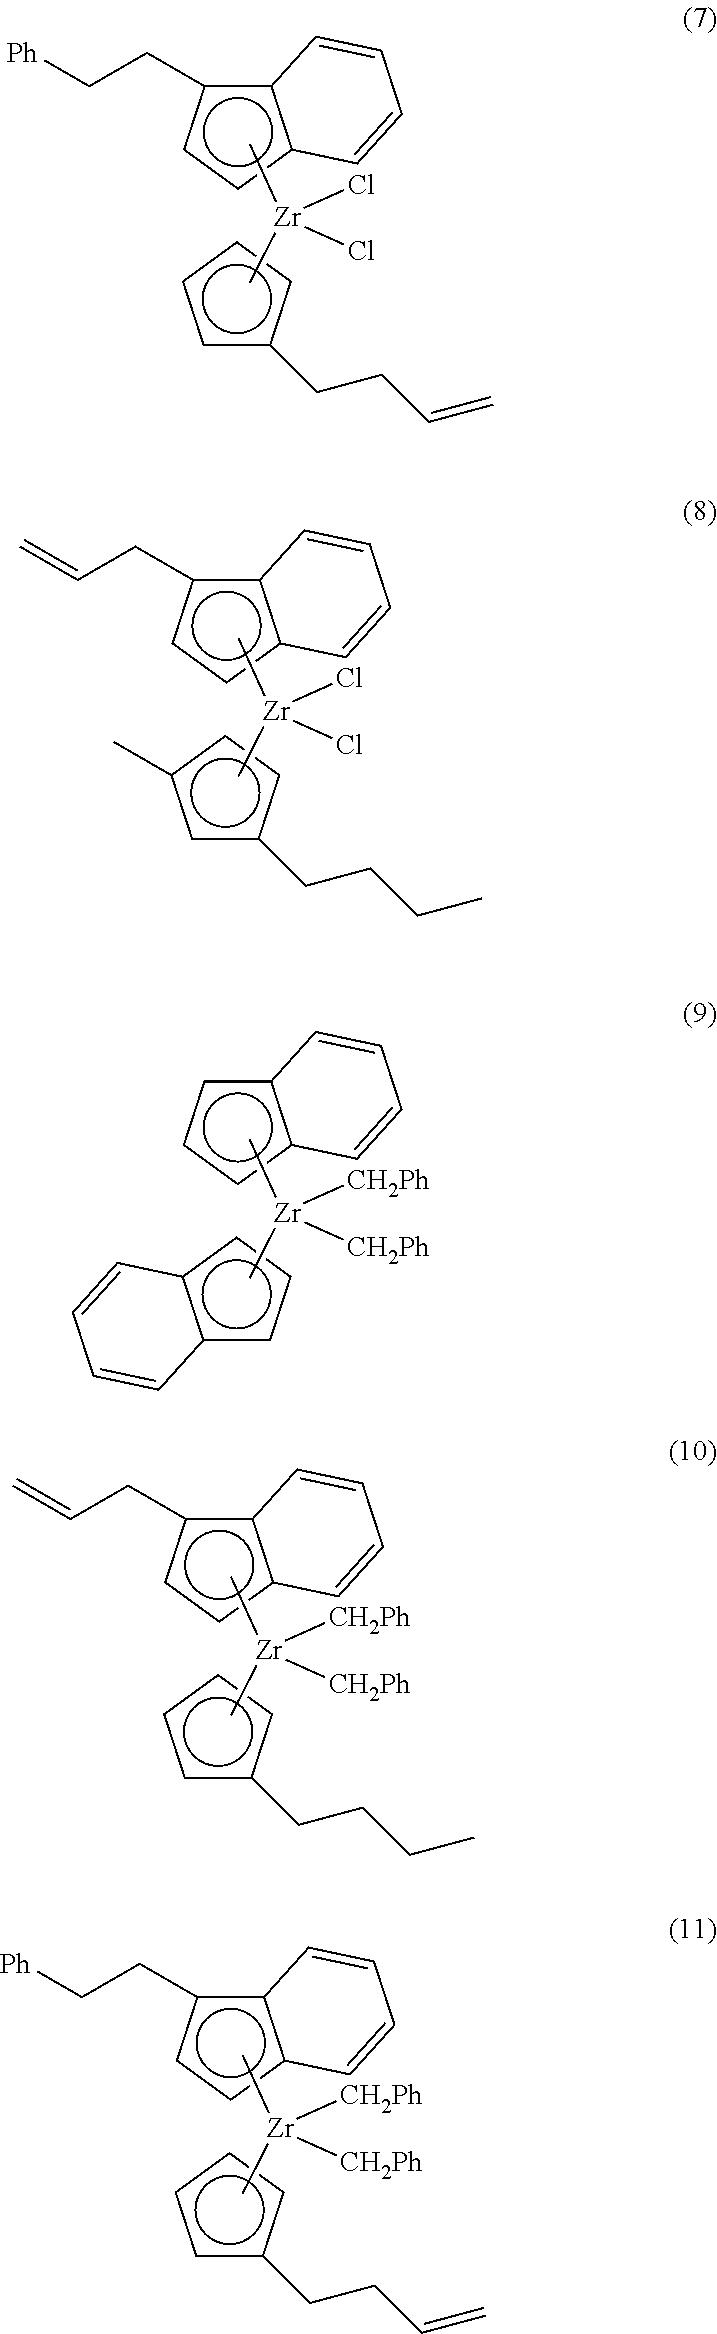 Figure US09718907-20170801-C00003